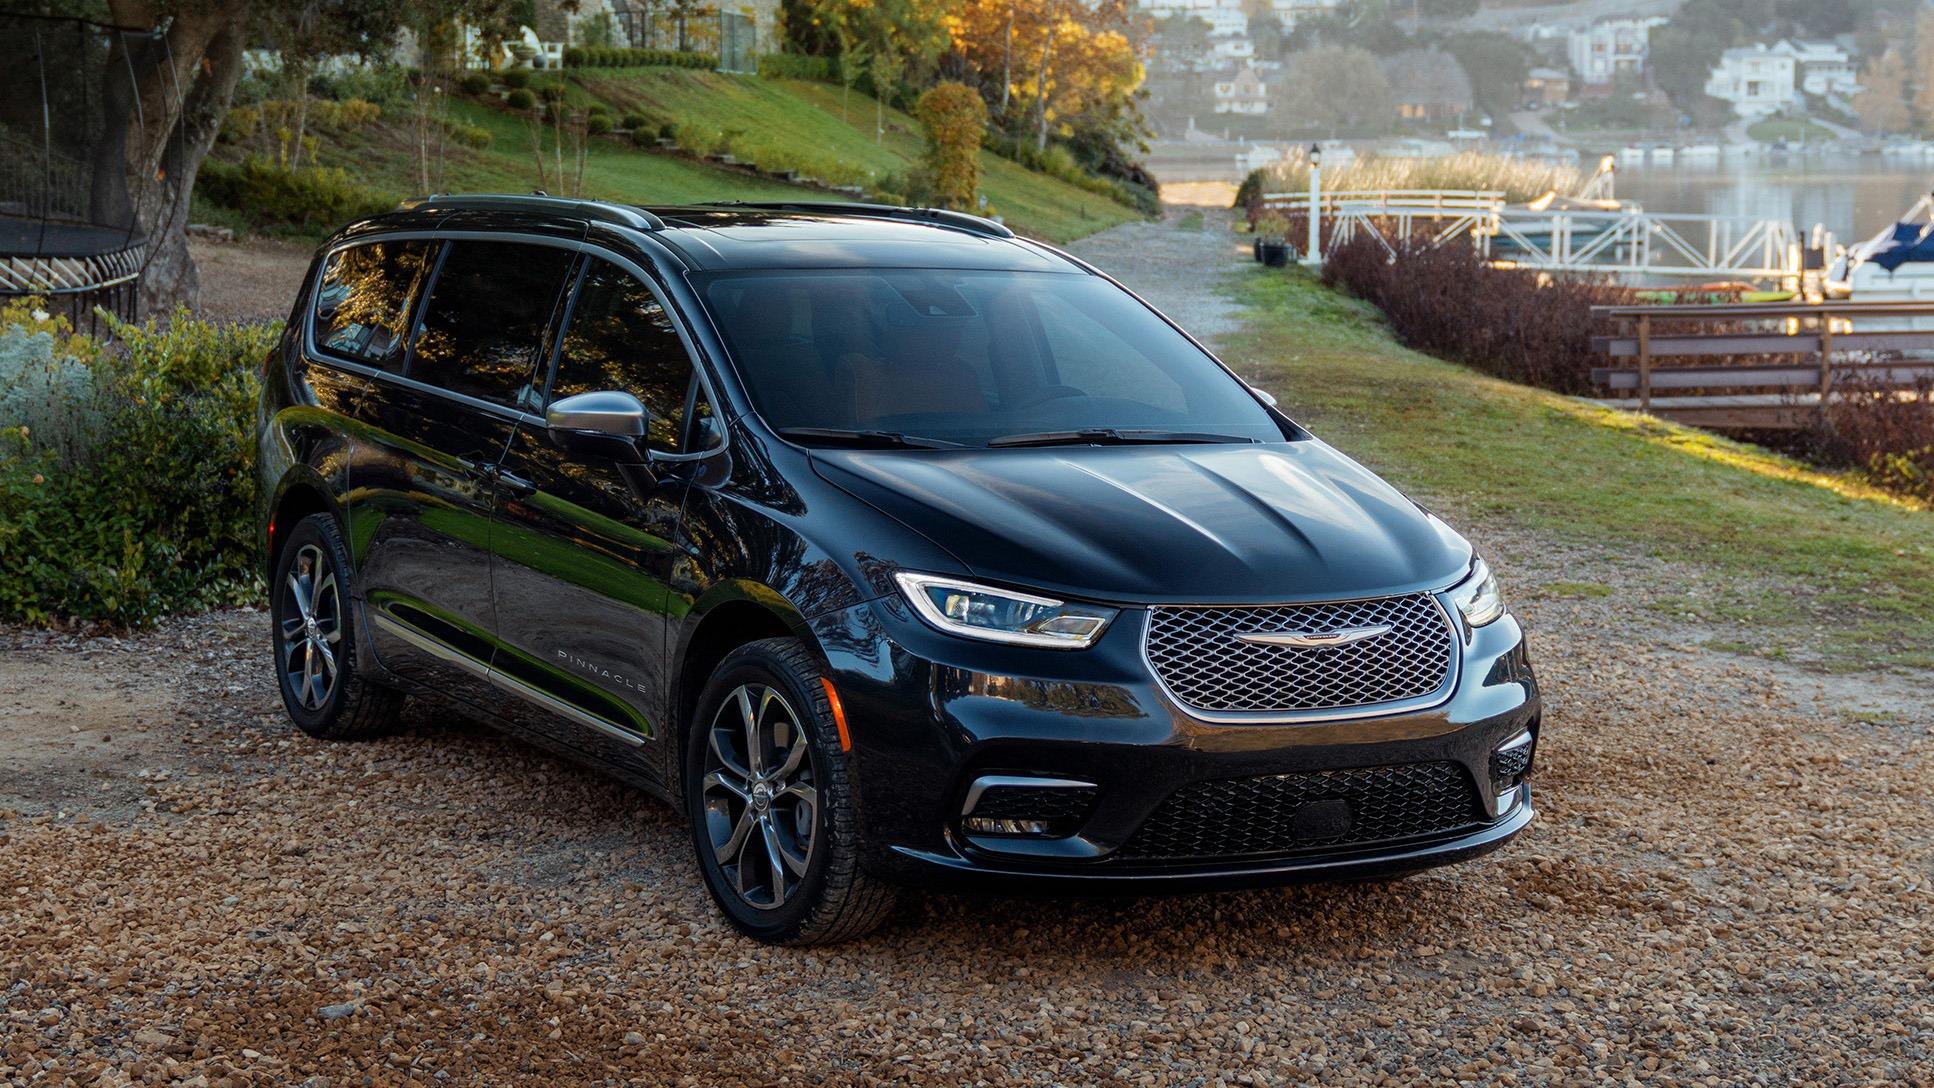 ¿Qué de nuevo trae la Chrysler Pacifica 2021?